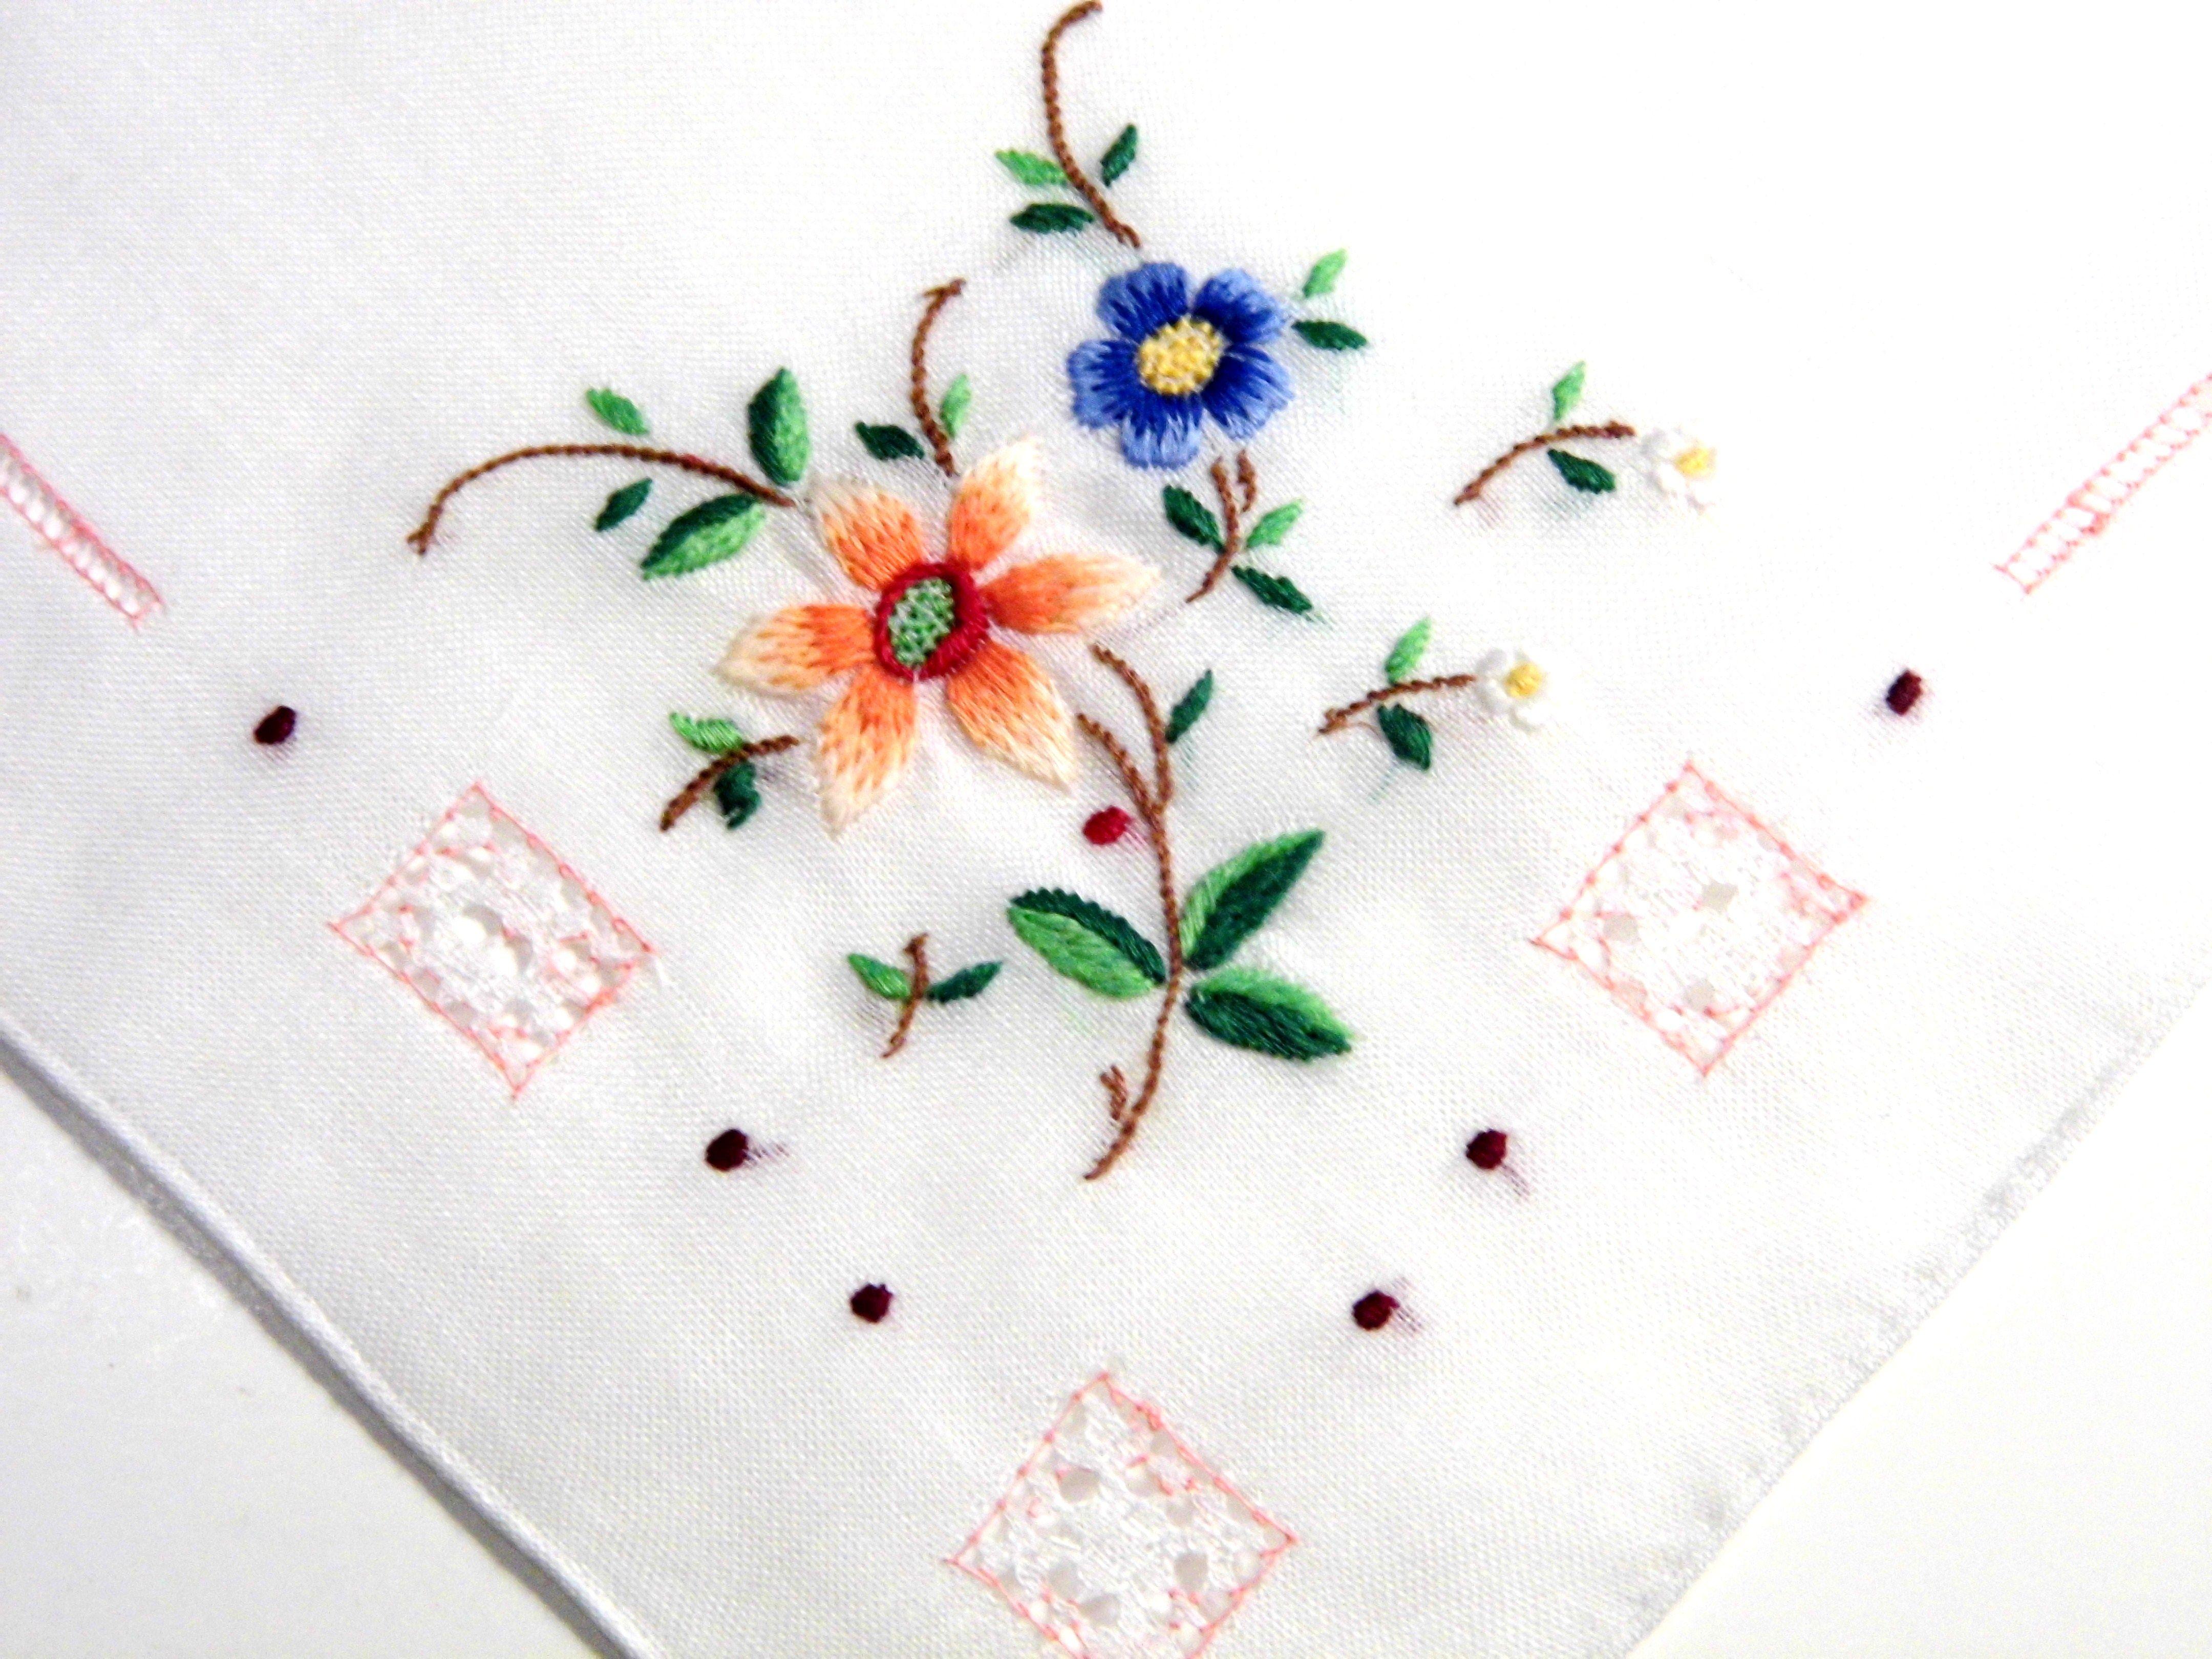 Allvintagehankiesetsycom Embroidered Vintage Handkerchief Needlepoint C 1920S